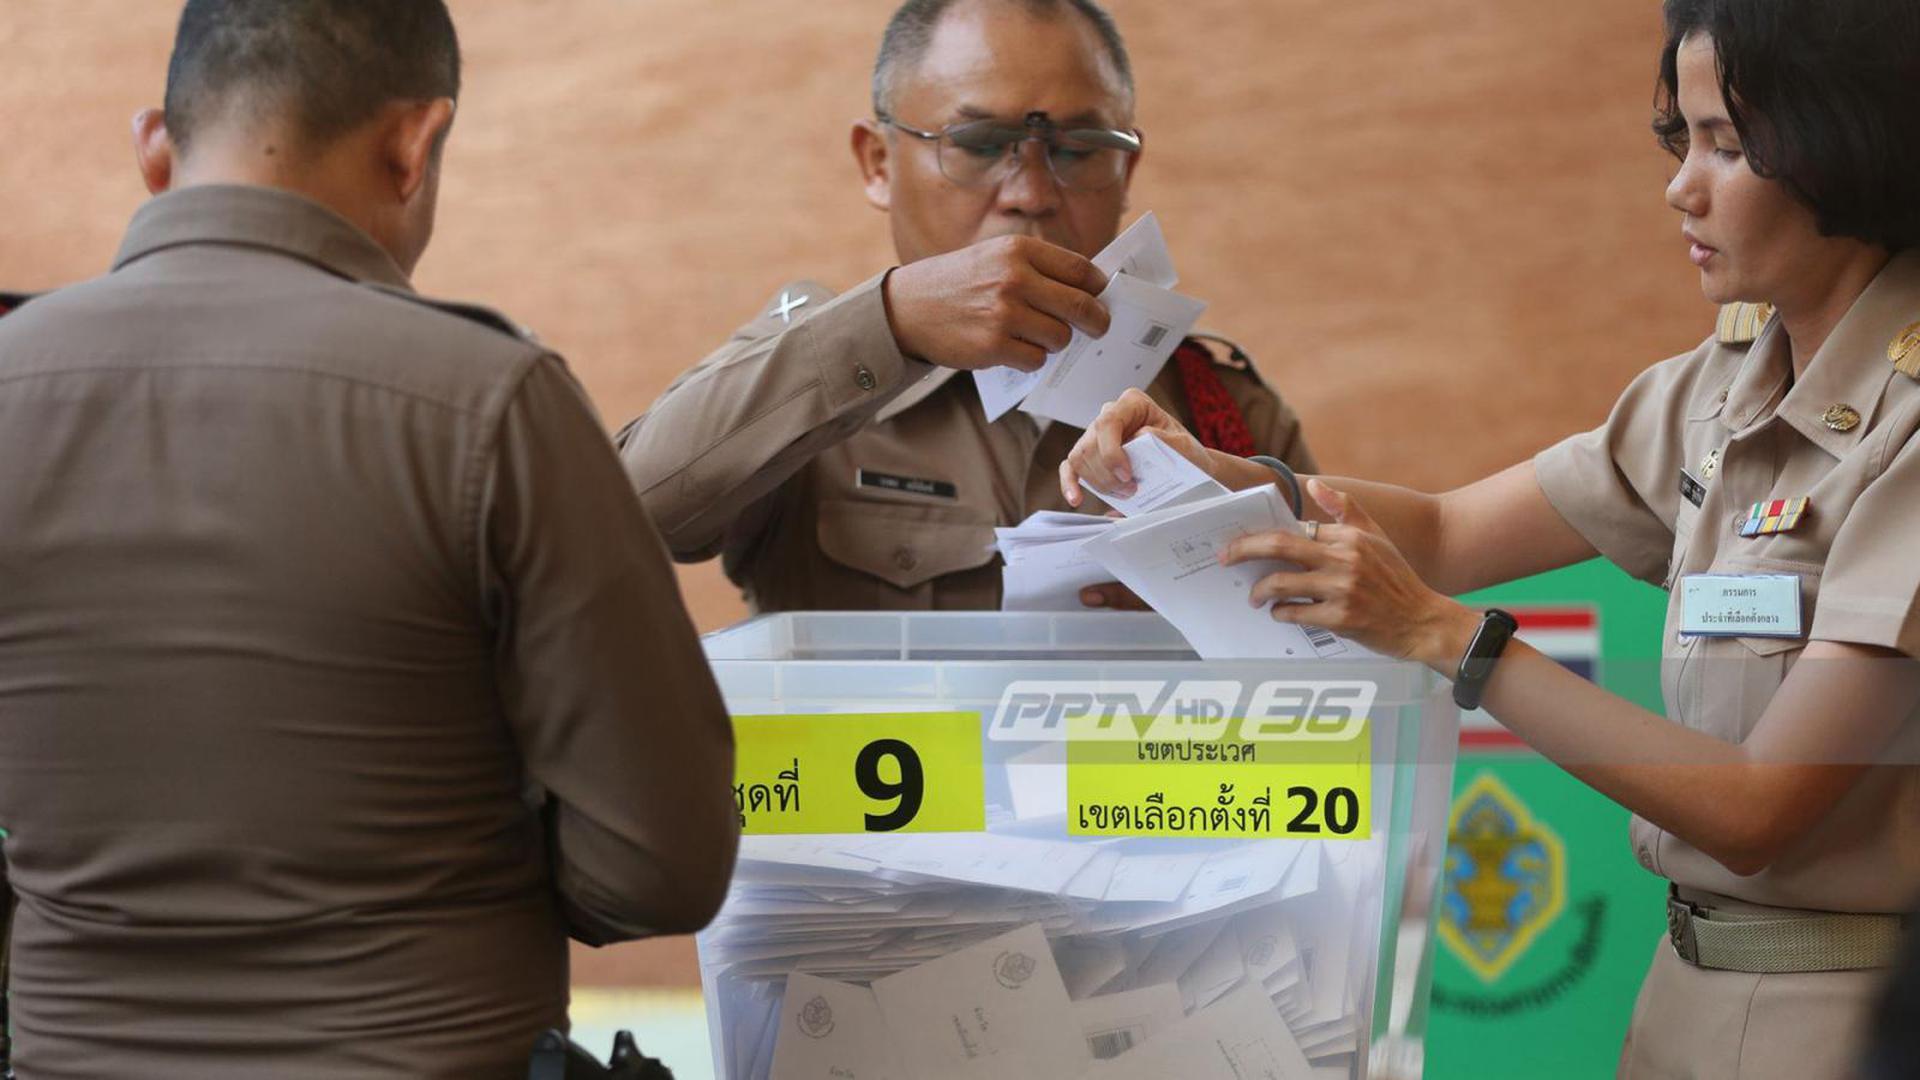 """ผู้มาใช้สิทธิไม่ตรงกับบัตร สั่ง """"ชุมพร""""เลือกตั้งใหม่ 1 หน่วย"""